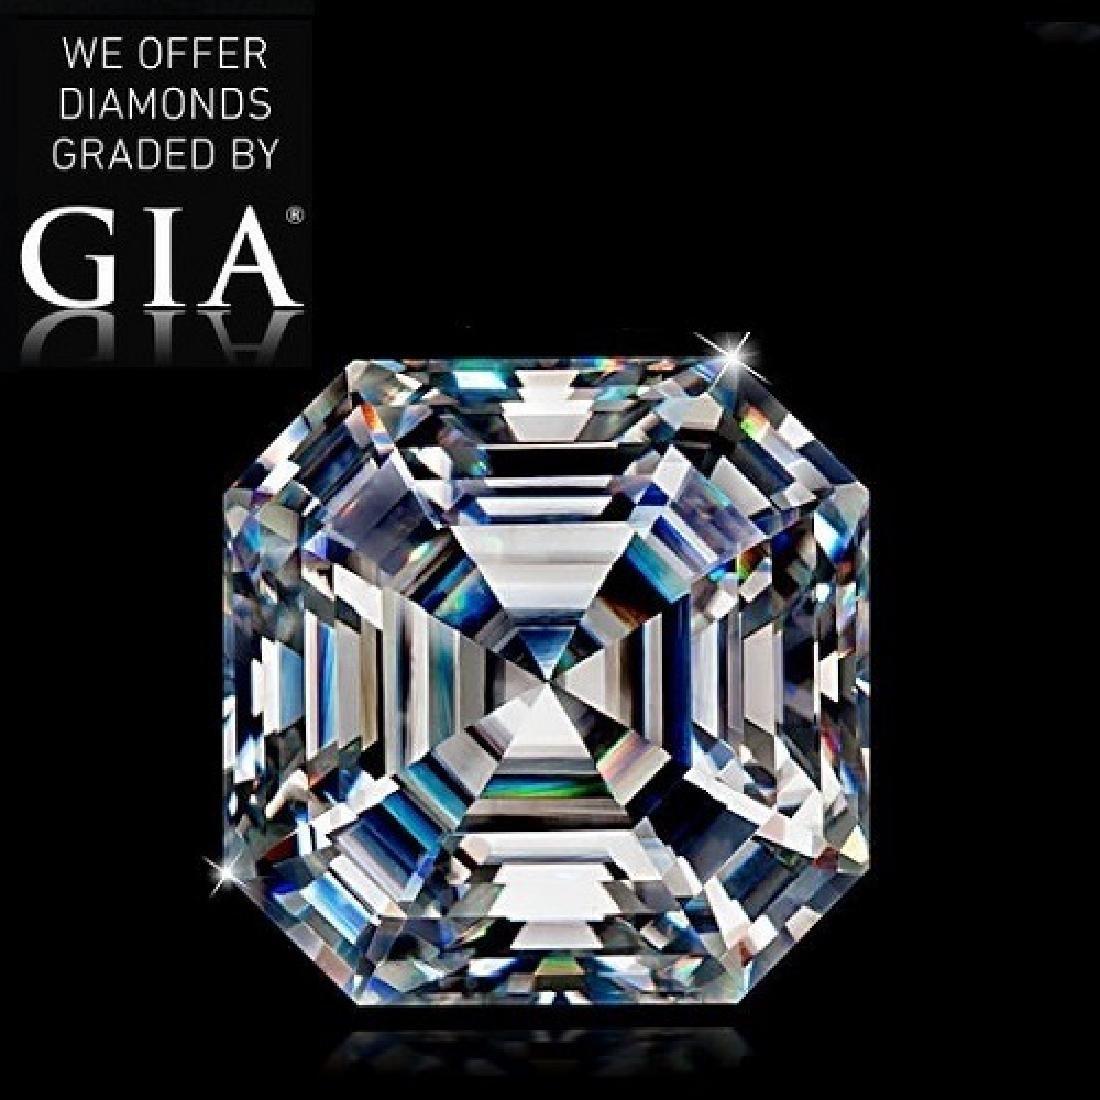 1.02 ct, Color G/VVS1, Sq. Emerald cut Diamond